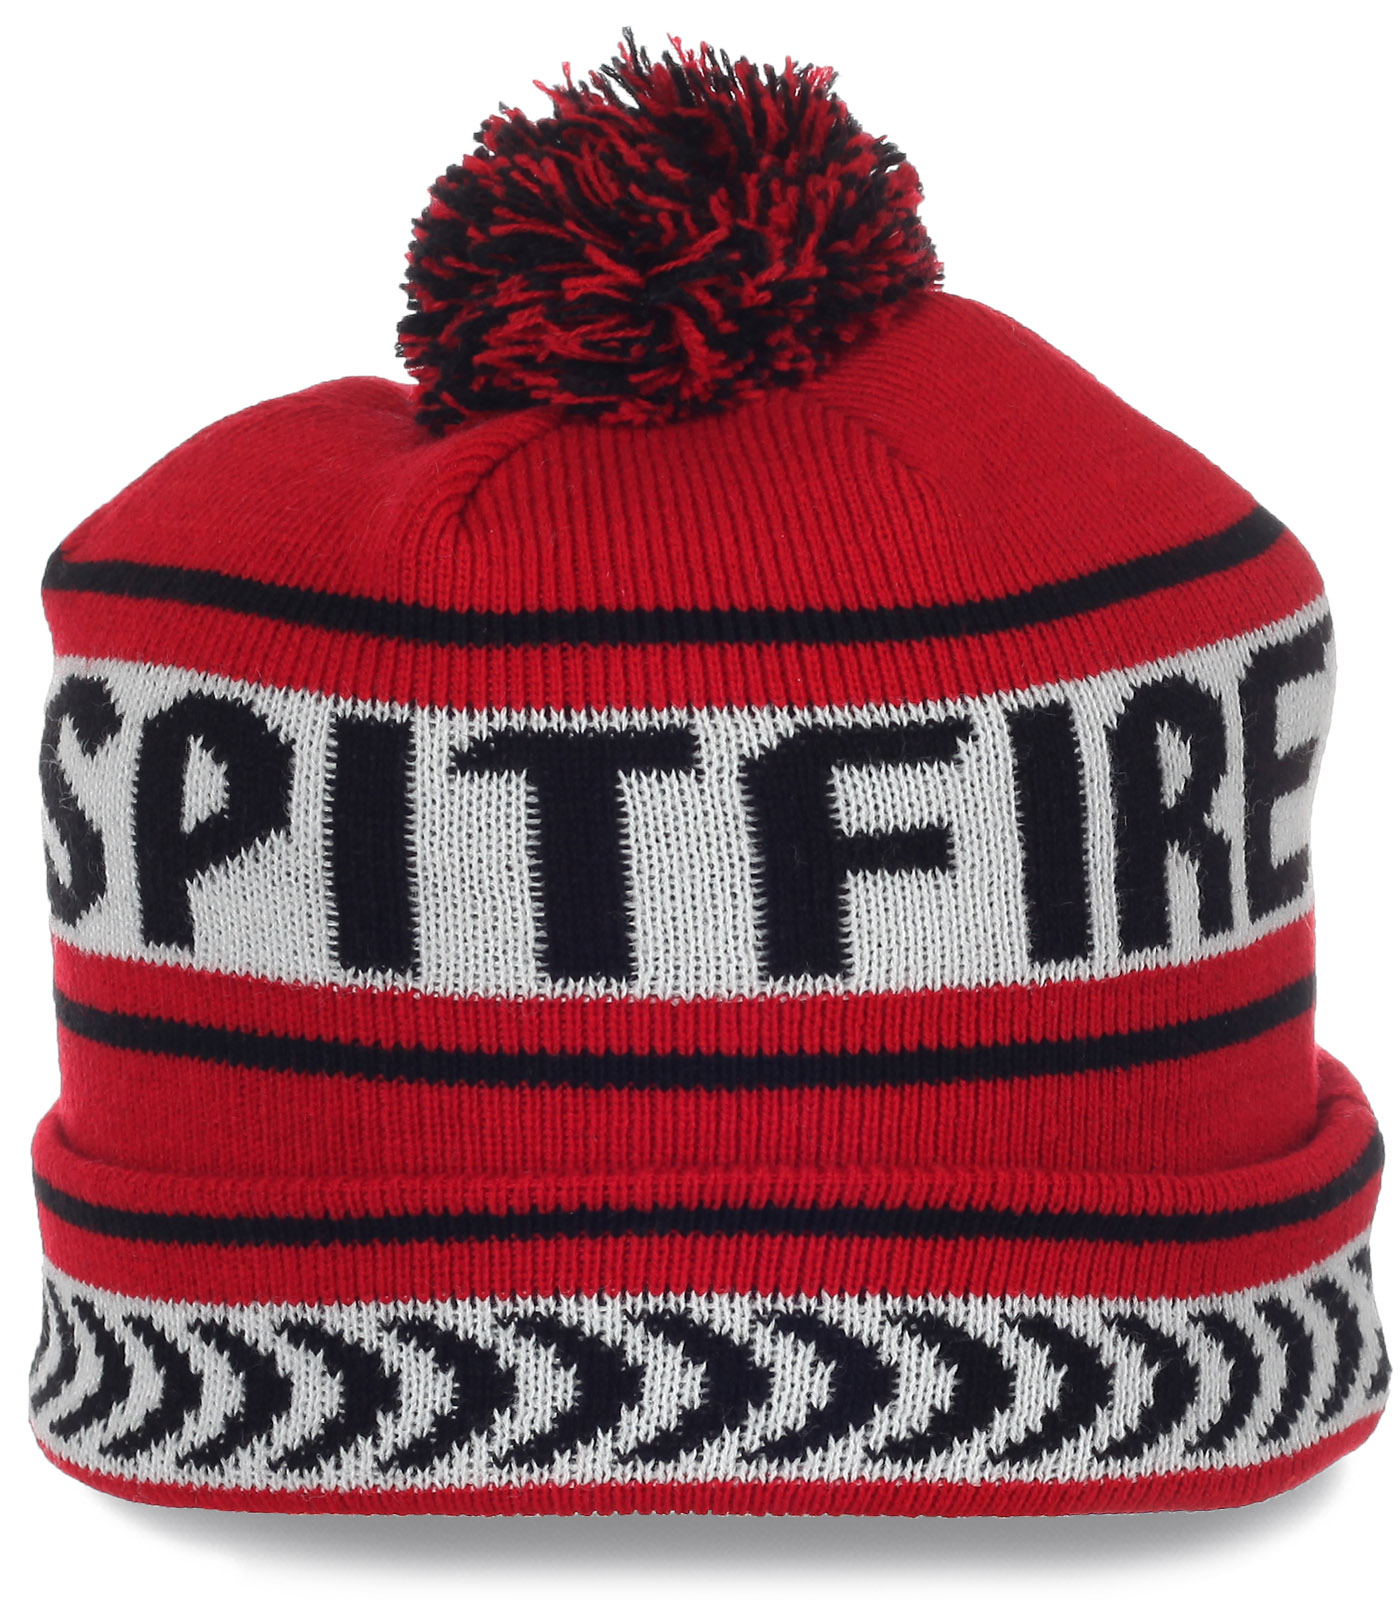 Модная шапка Spitfire для спортивных красоток. Теплая модель, в которой легко и удобно